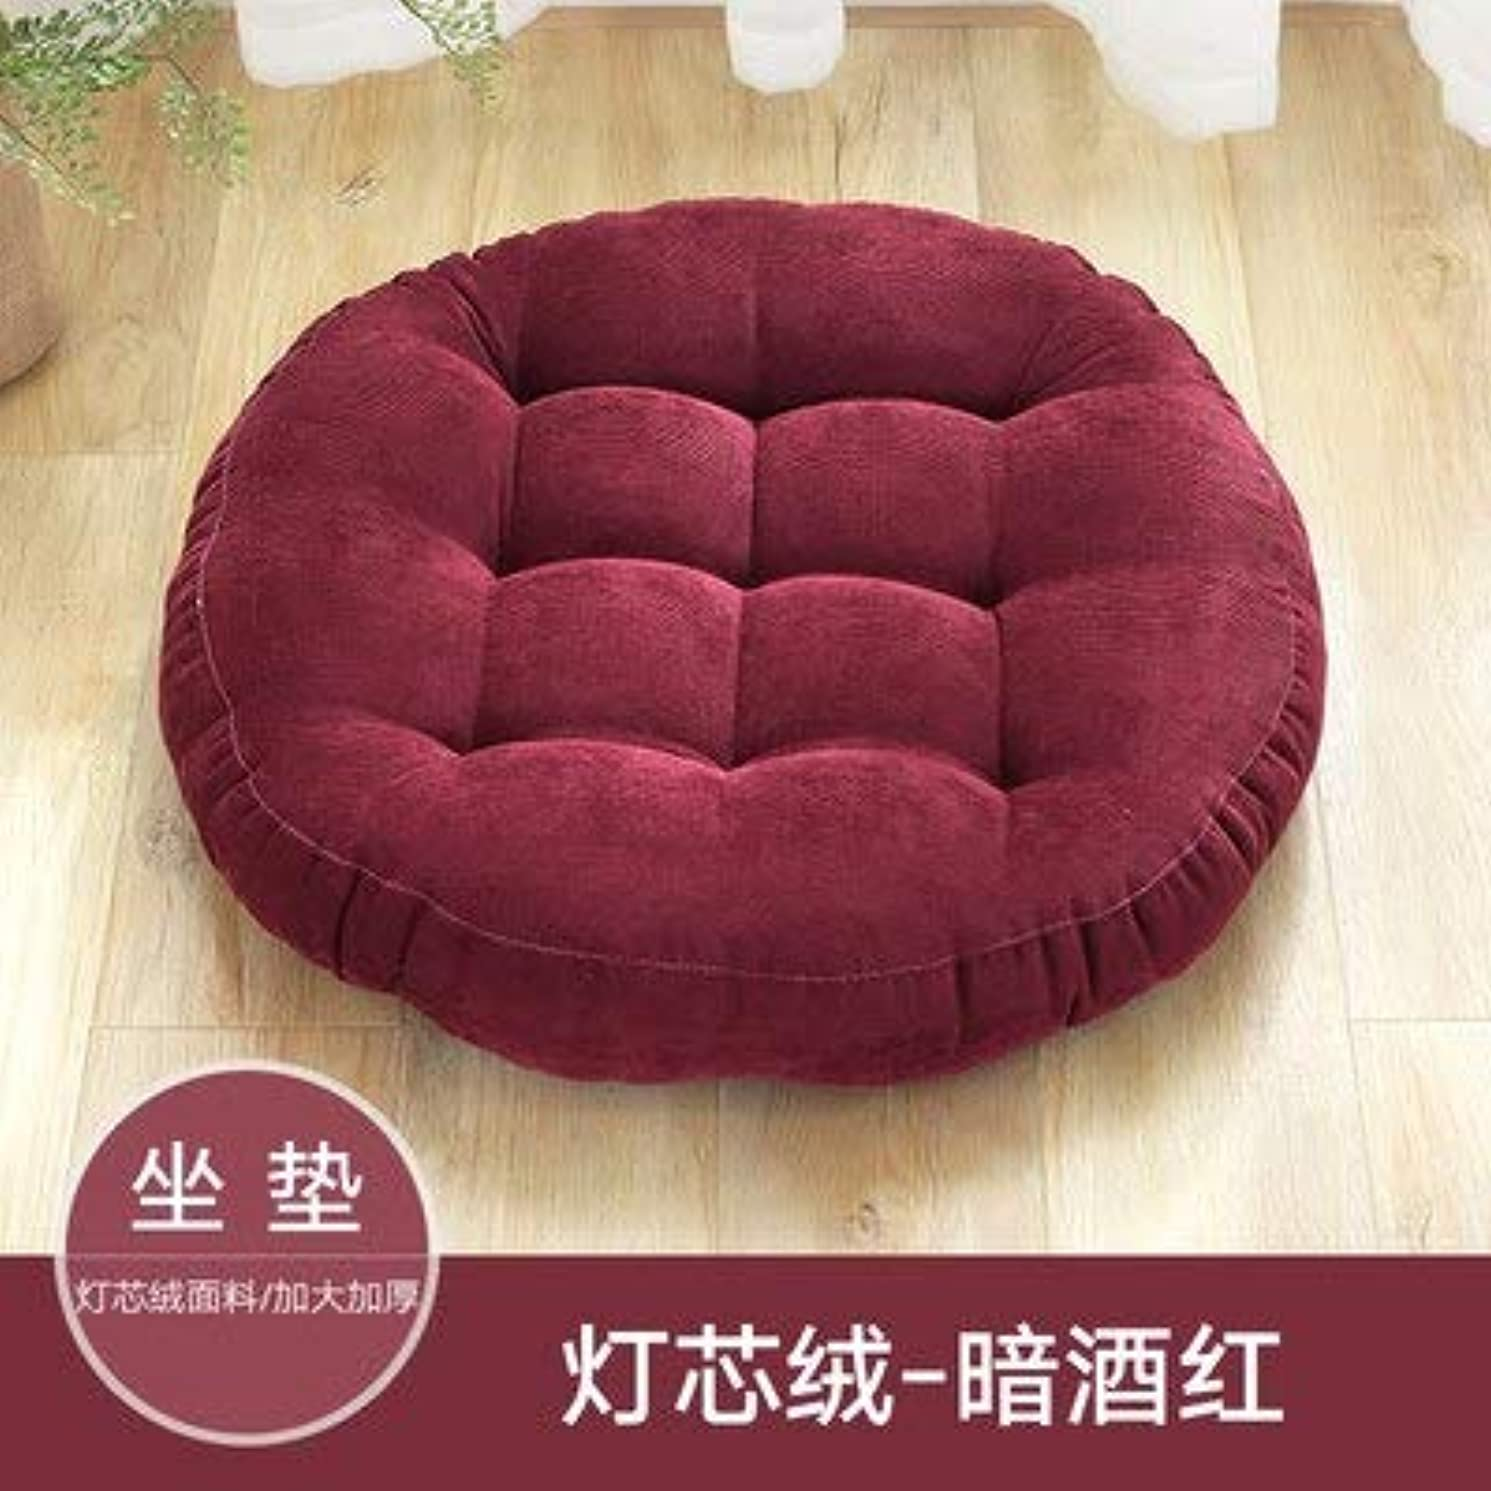 混合ピルファー割り当てますLIFE ラウンド厚い椅子のクッションフロアマットレスシートパッドソフトホームオフィスチェアクッションマットソフトスロー枕最高品質の床クッション クッション 椅子